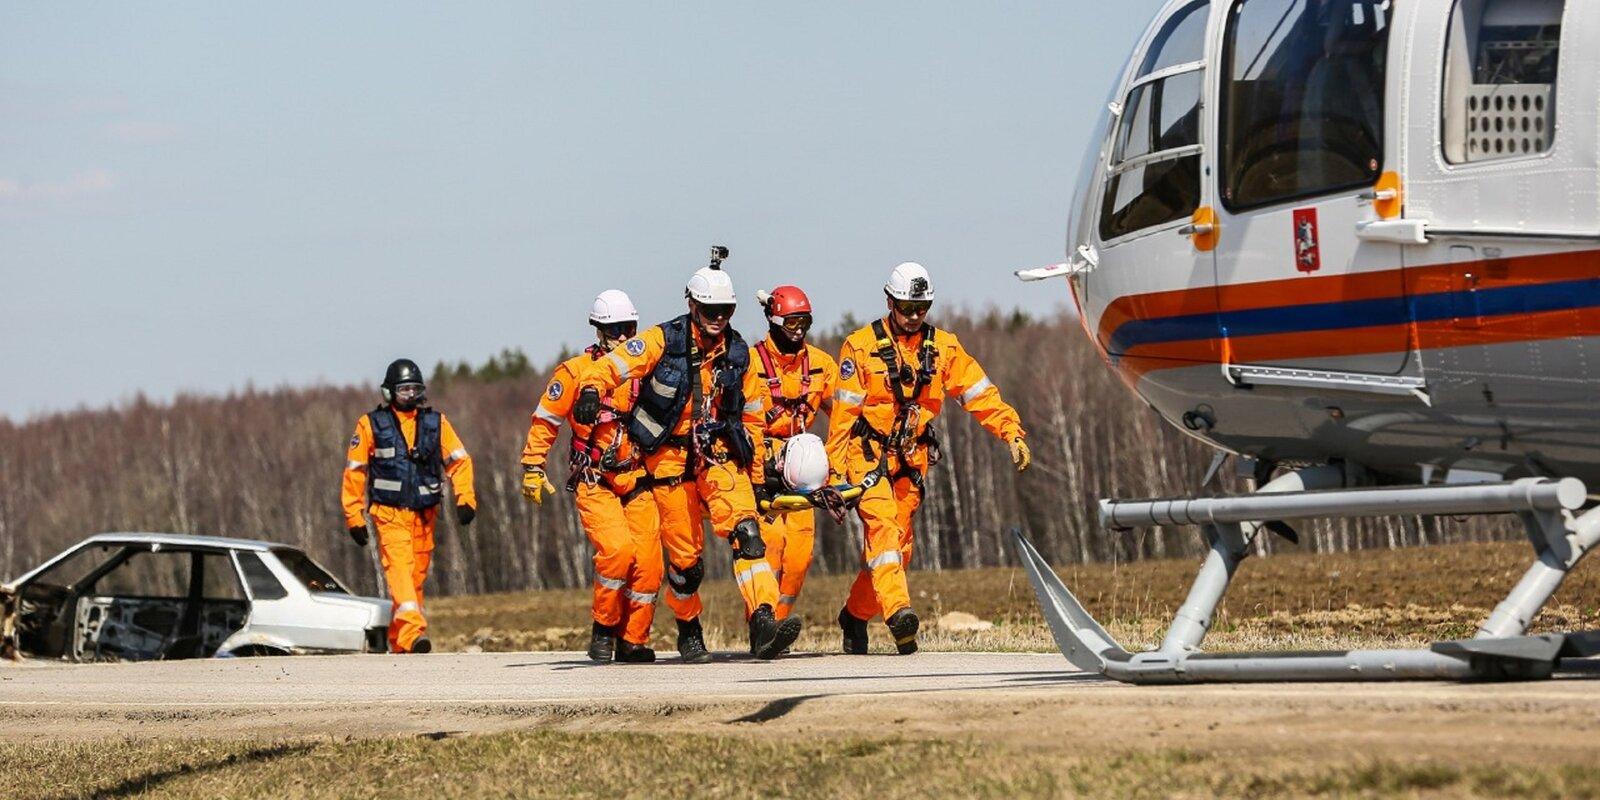 Московские спасатели и пожарные отмечают профессиональный праздник